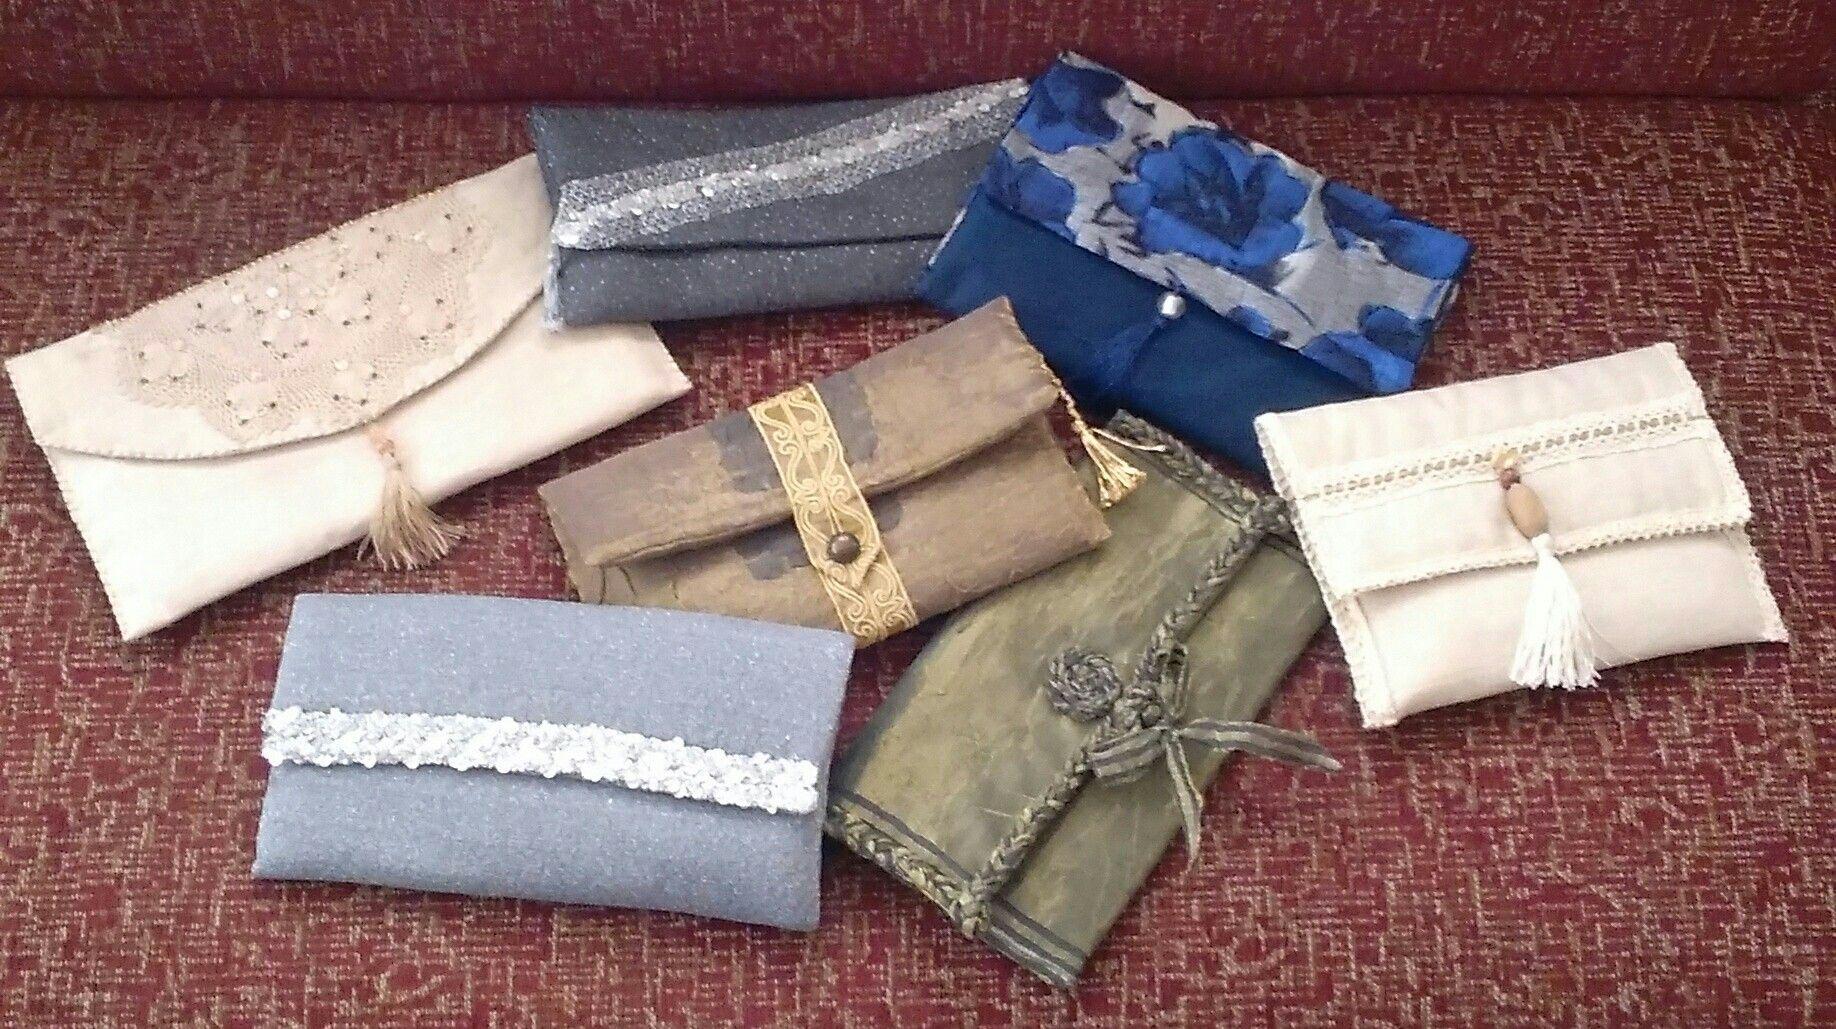 Photo of El yapımı çantalar Handmade bags